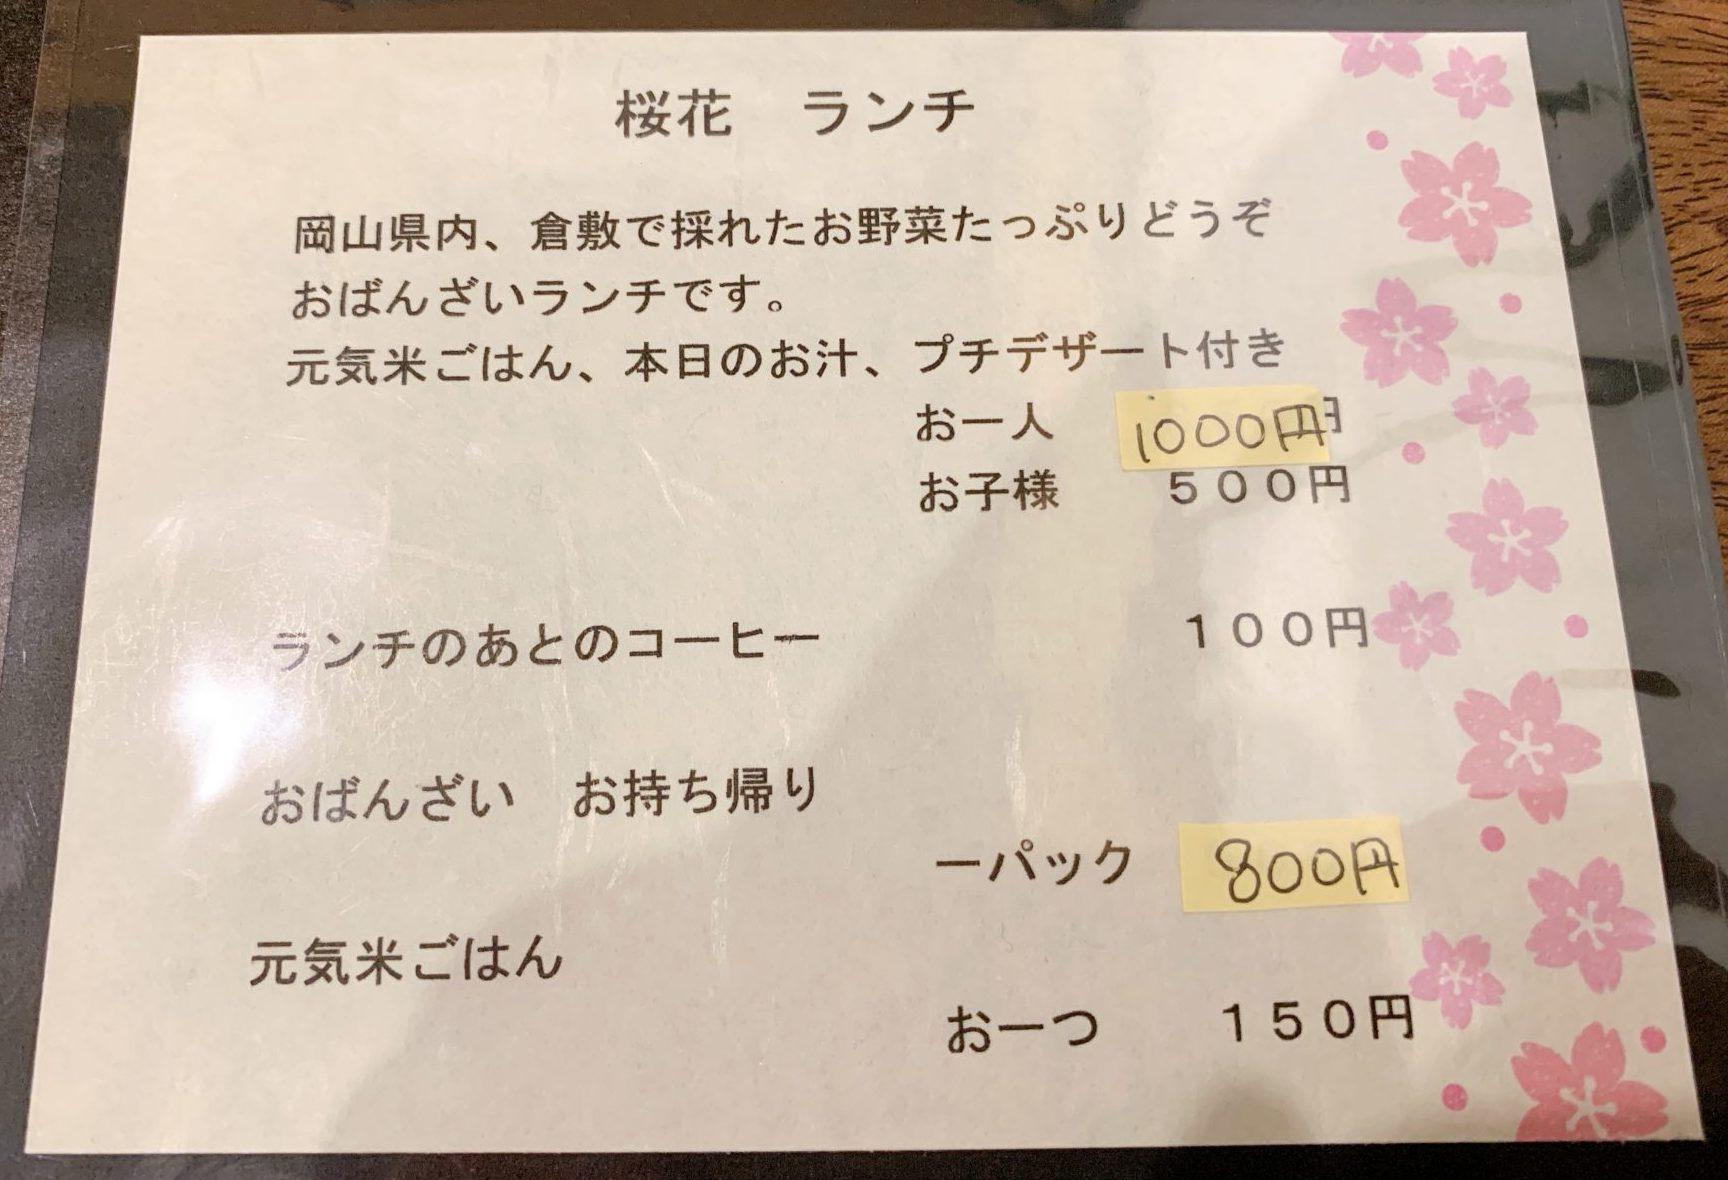 桜花ランチメニュー